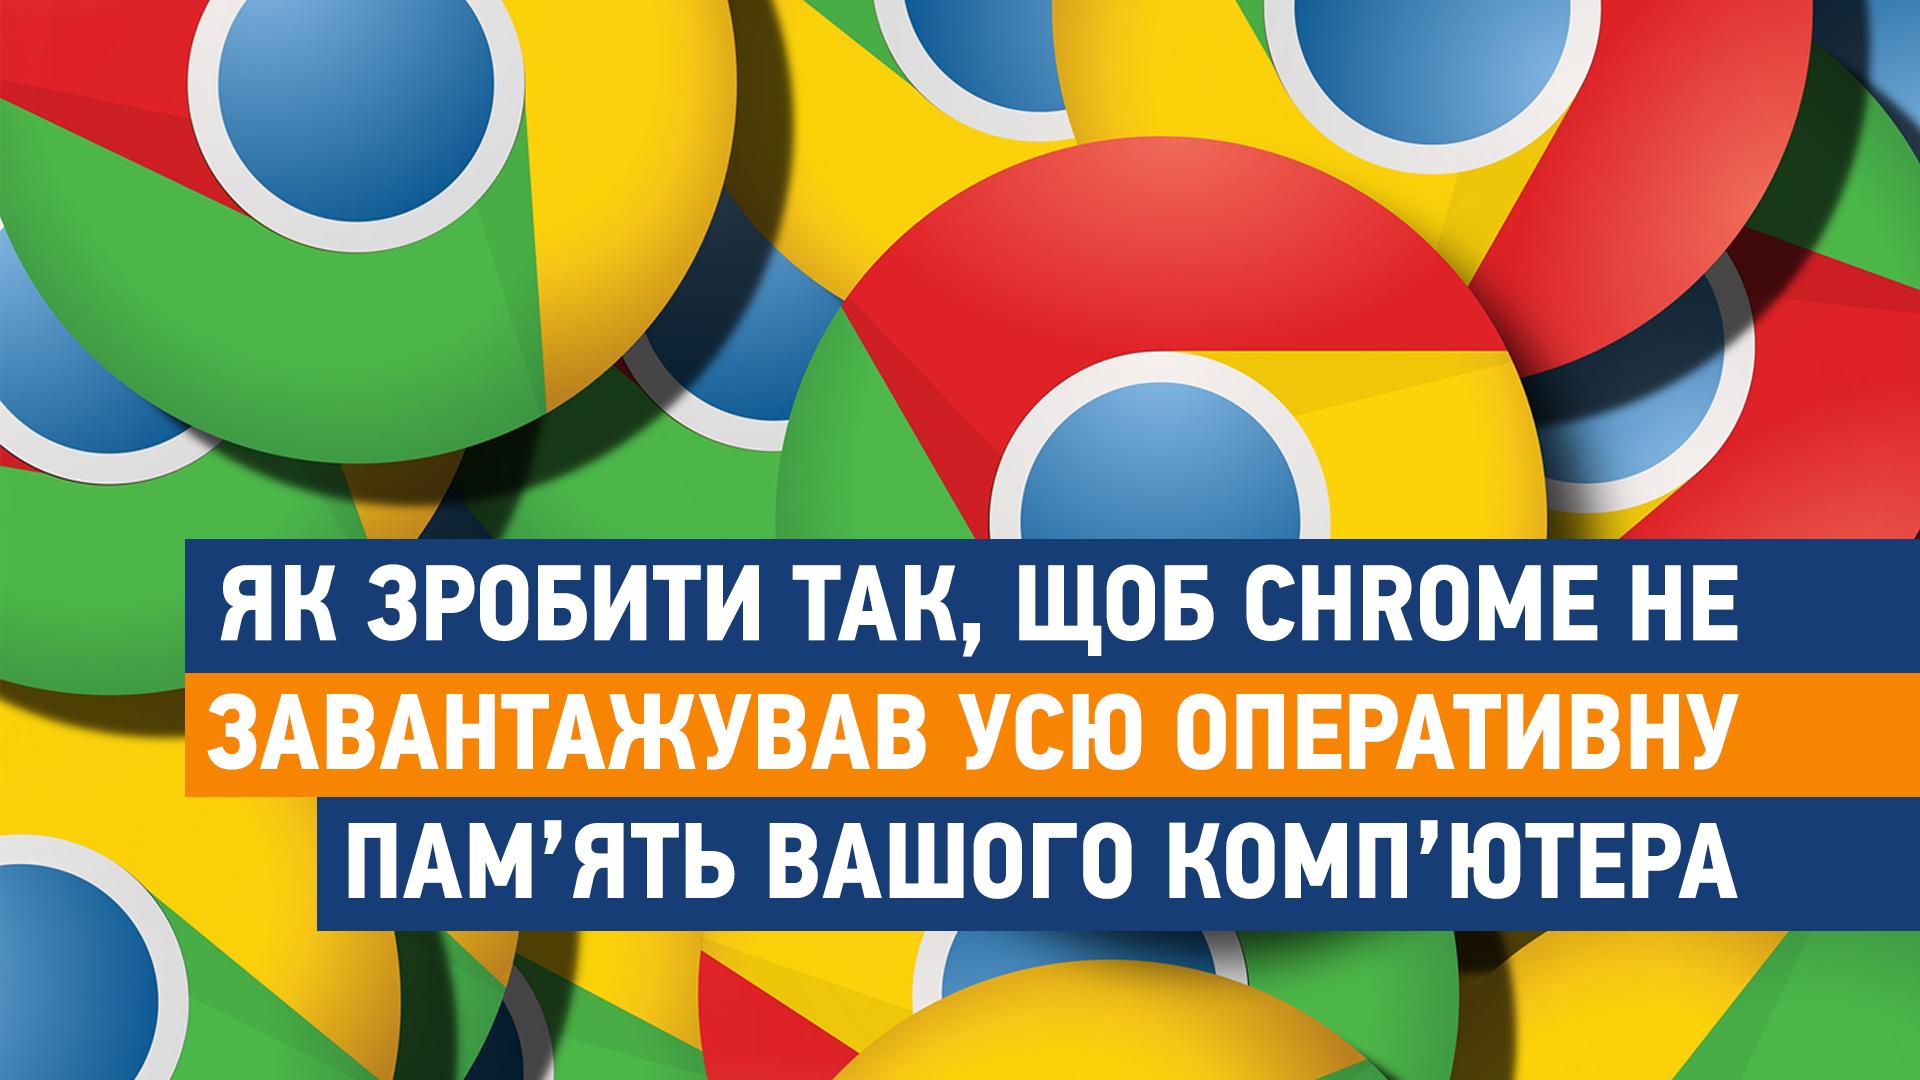 Як зробити так, щоб Google Chrome не завантажував усю оперативну пам'ять комп'ютера - браузер, Google Chrome, google - shablon poglyad site 2